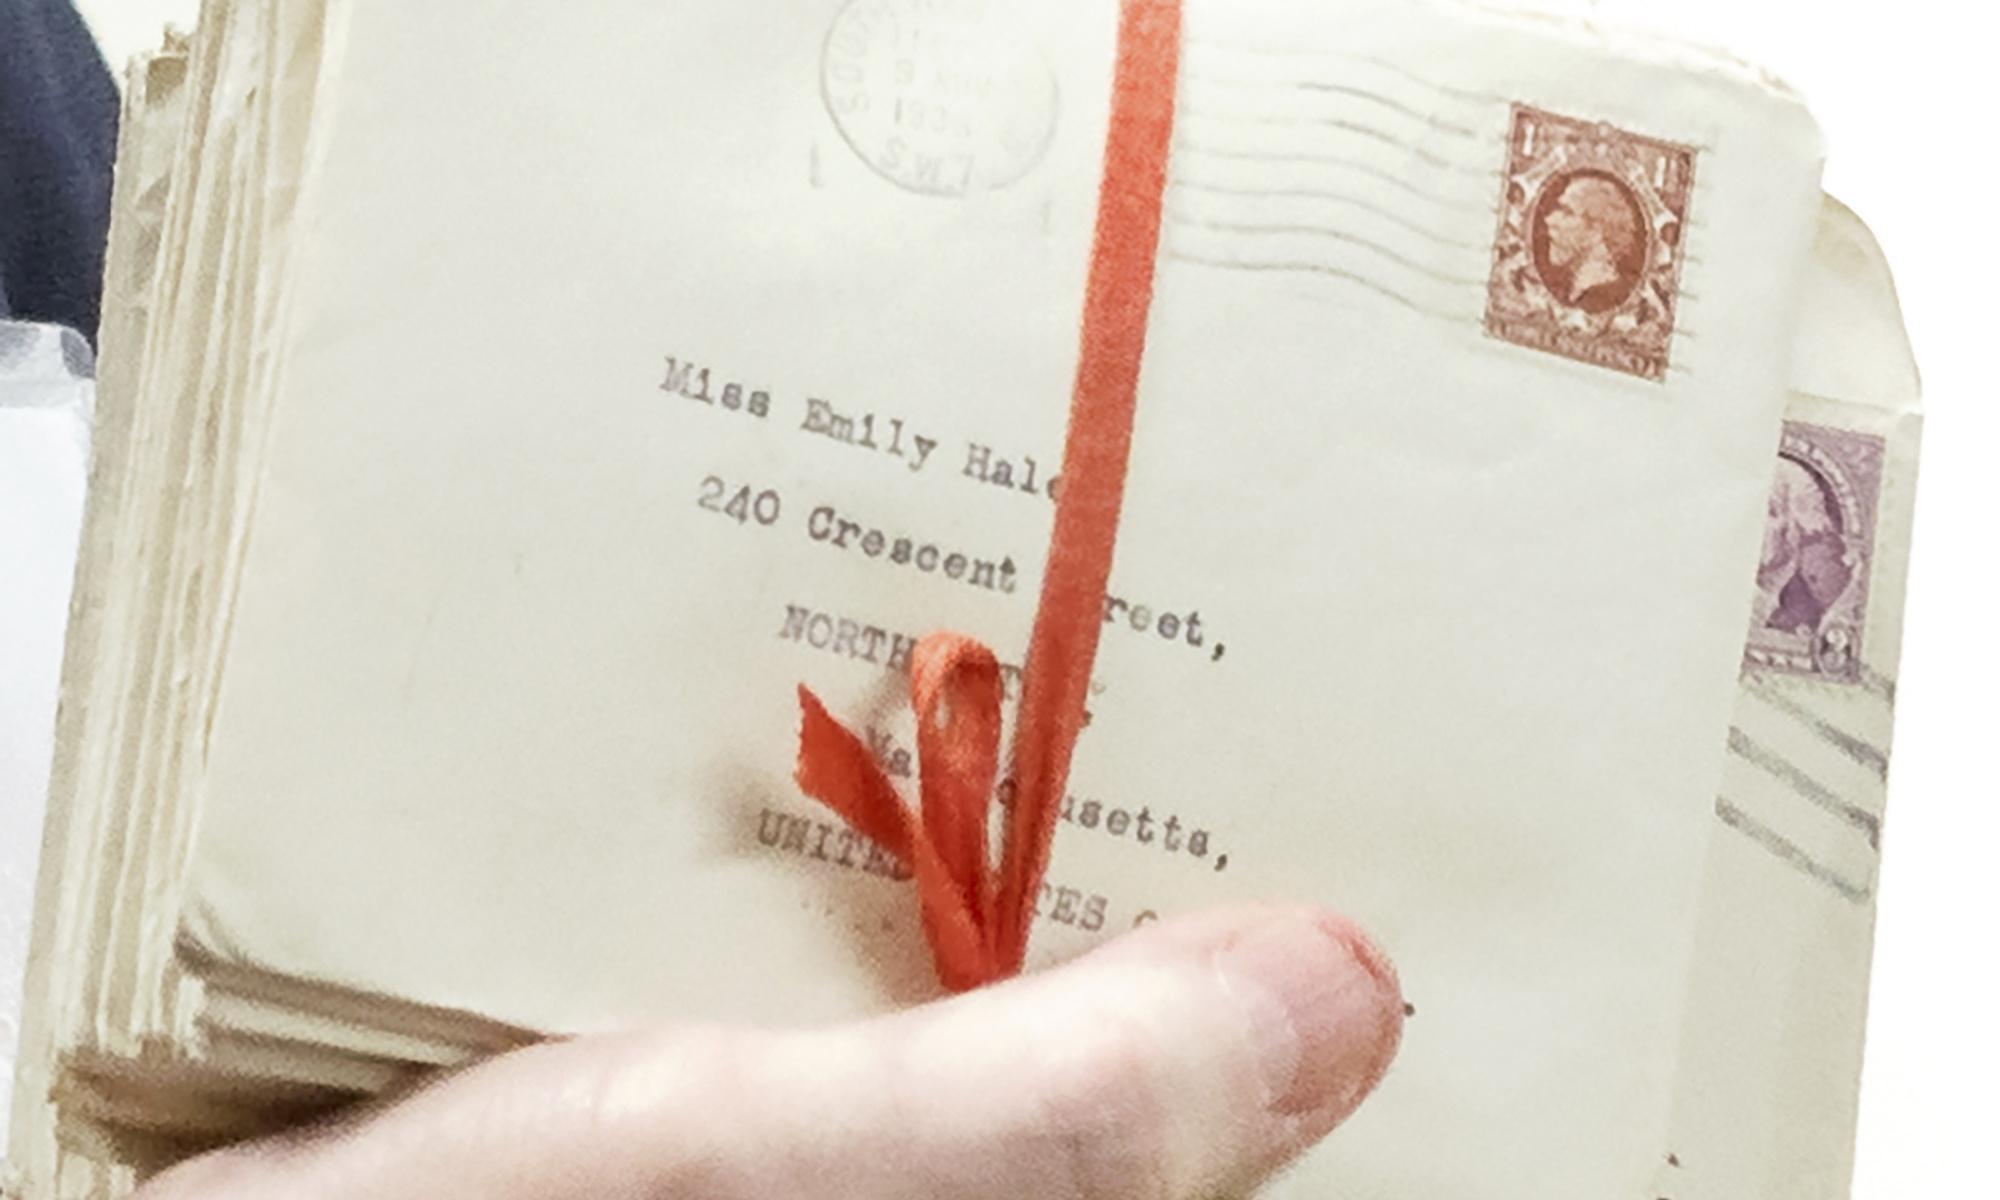 TS Eliot's hidden love letters reveal intense, heartbreaking affair